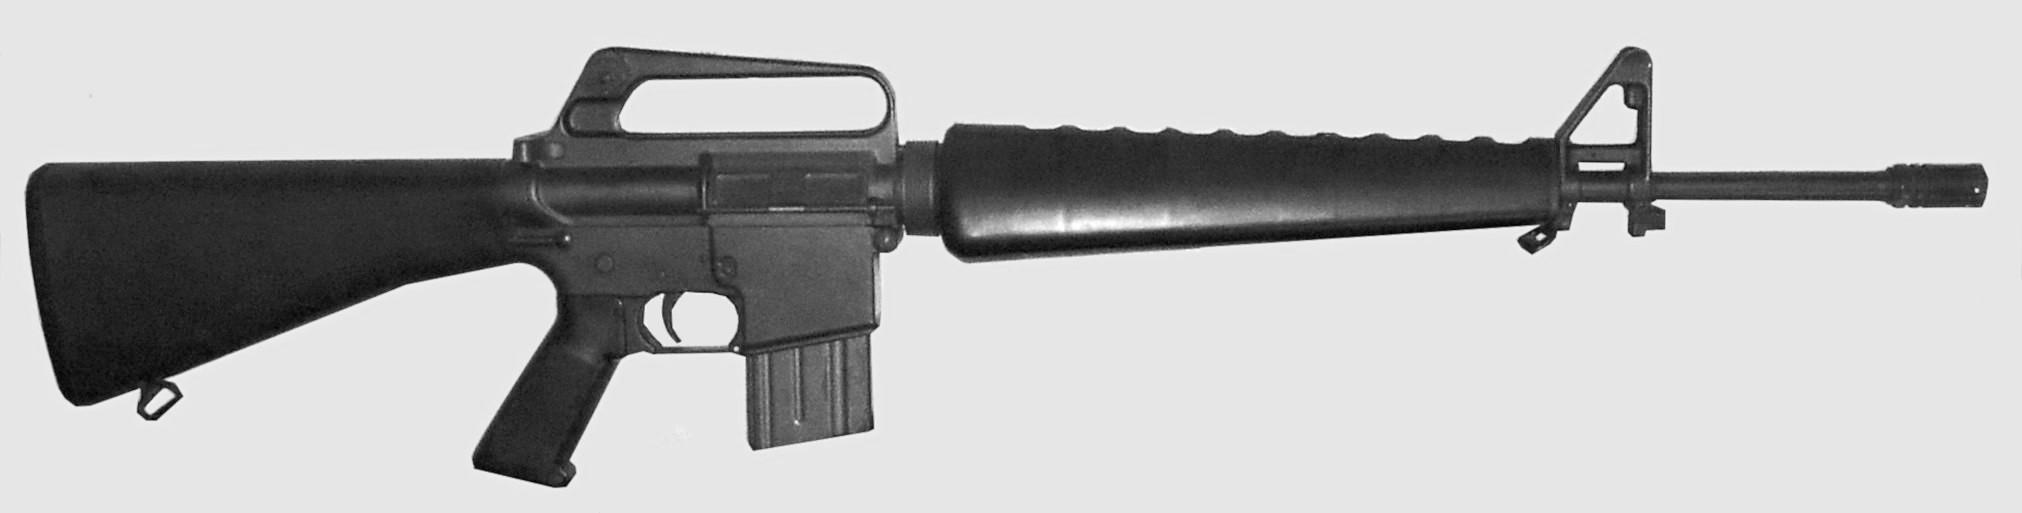 Colt's AR-15 1973